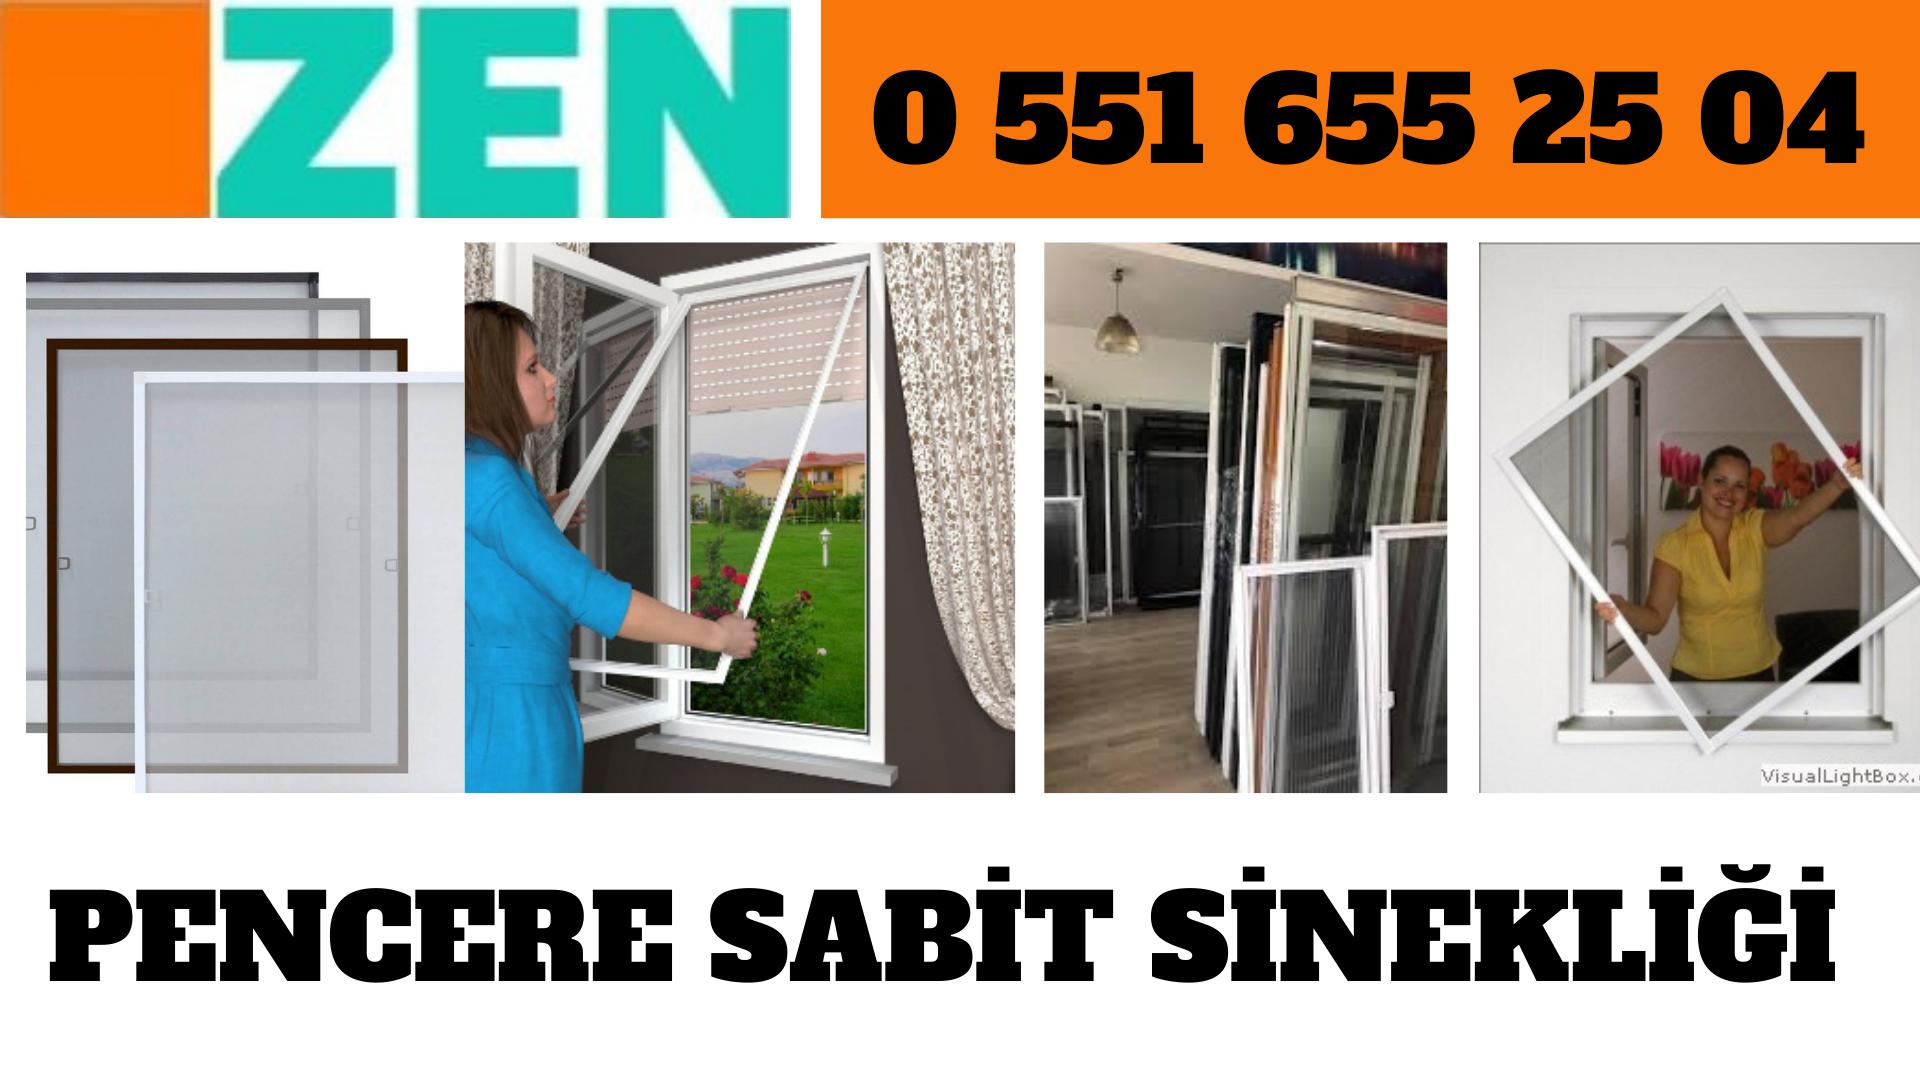 pencere sabit sinekliği İzmir